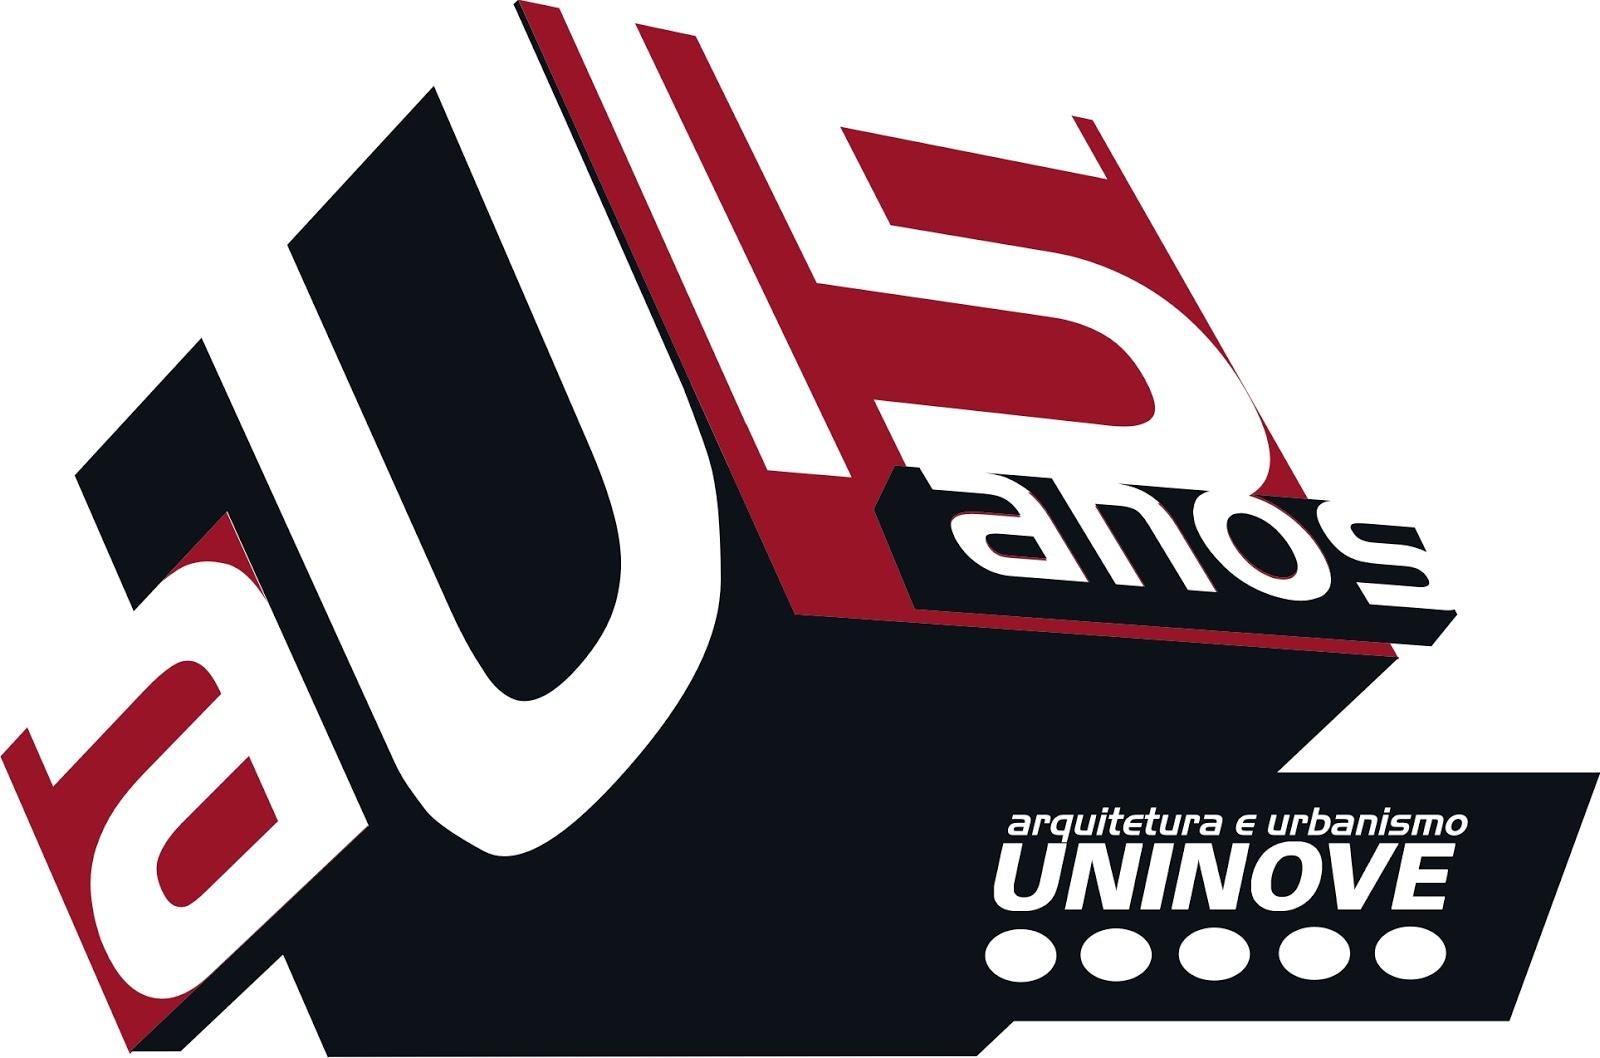 Logotipo Para 15 Anos: Victor Marcelo Franco Regio Dos Passos